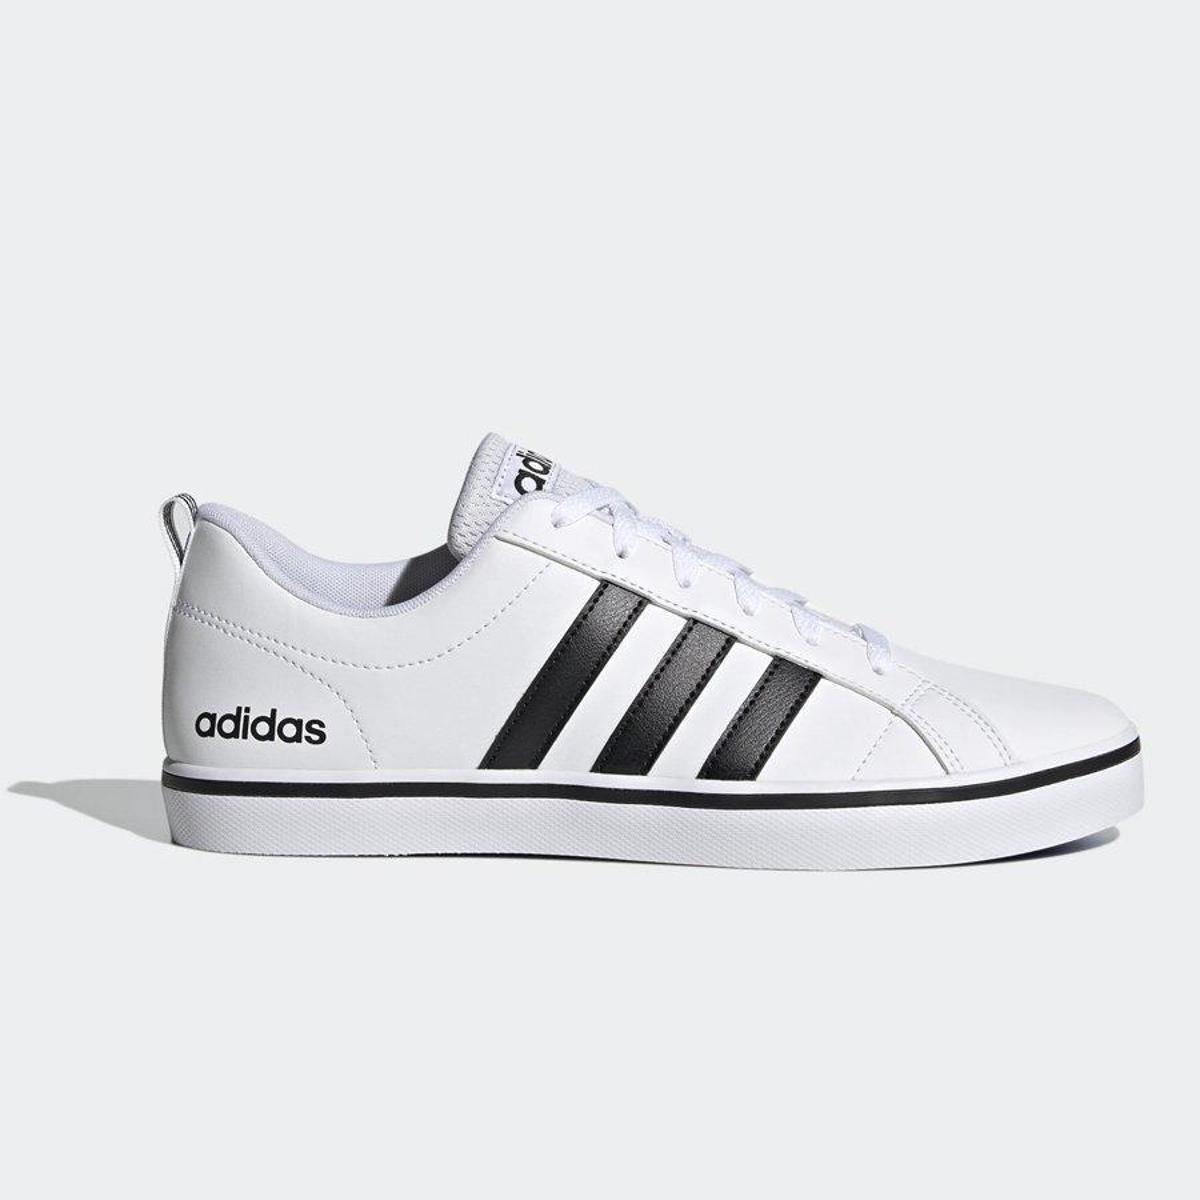 Tenis Adidas Branco/Preto Masculino Vs Pace